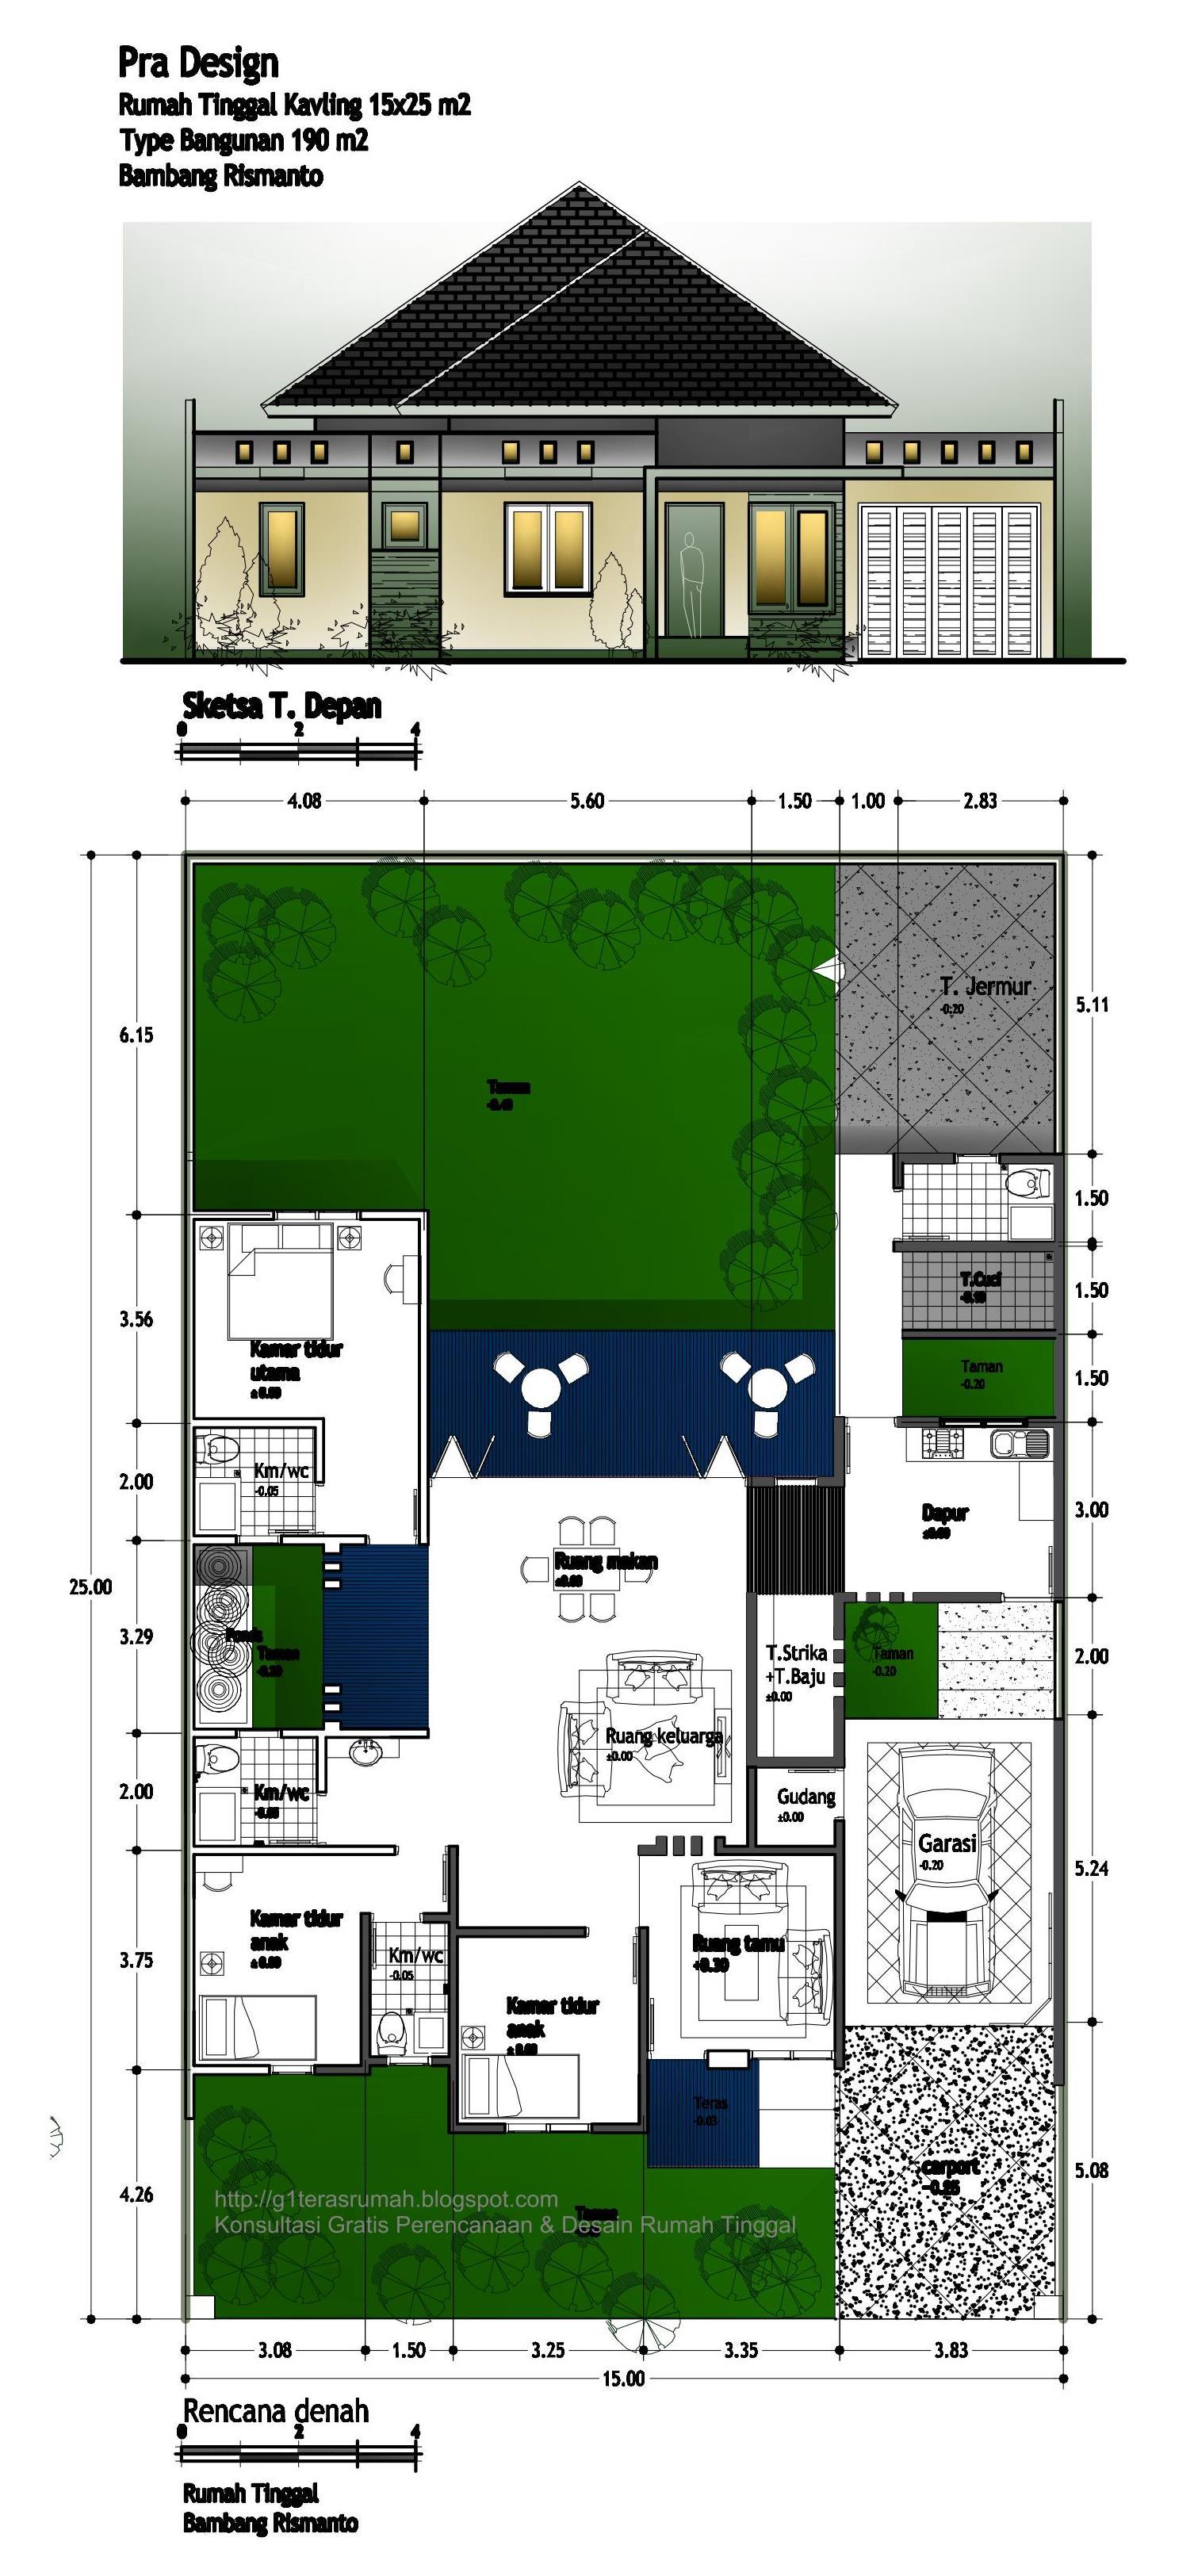 Rumah Tinggal Luas 190 M2 Di Lahan 15x25 M2 Order Bambang